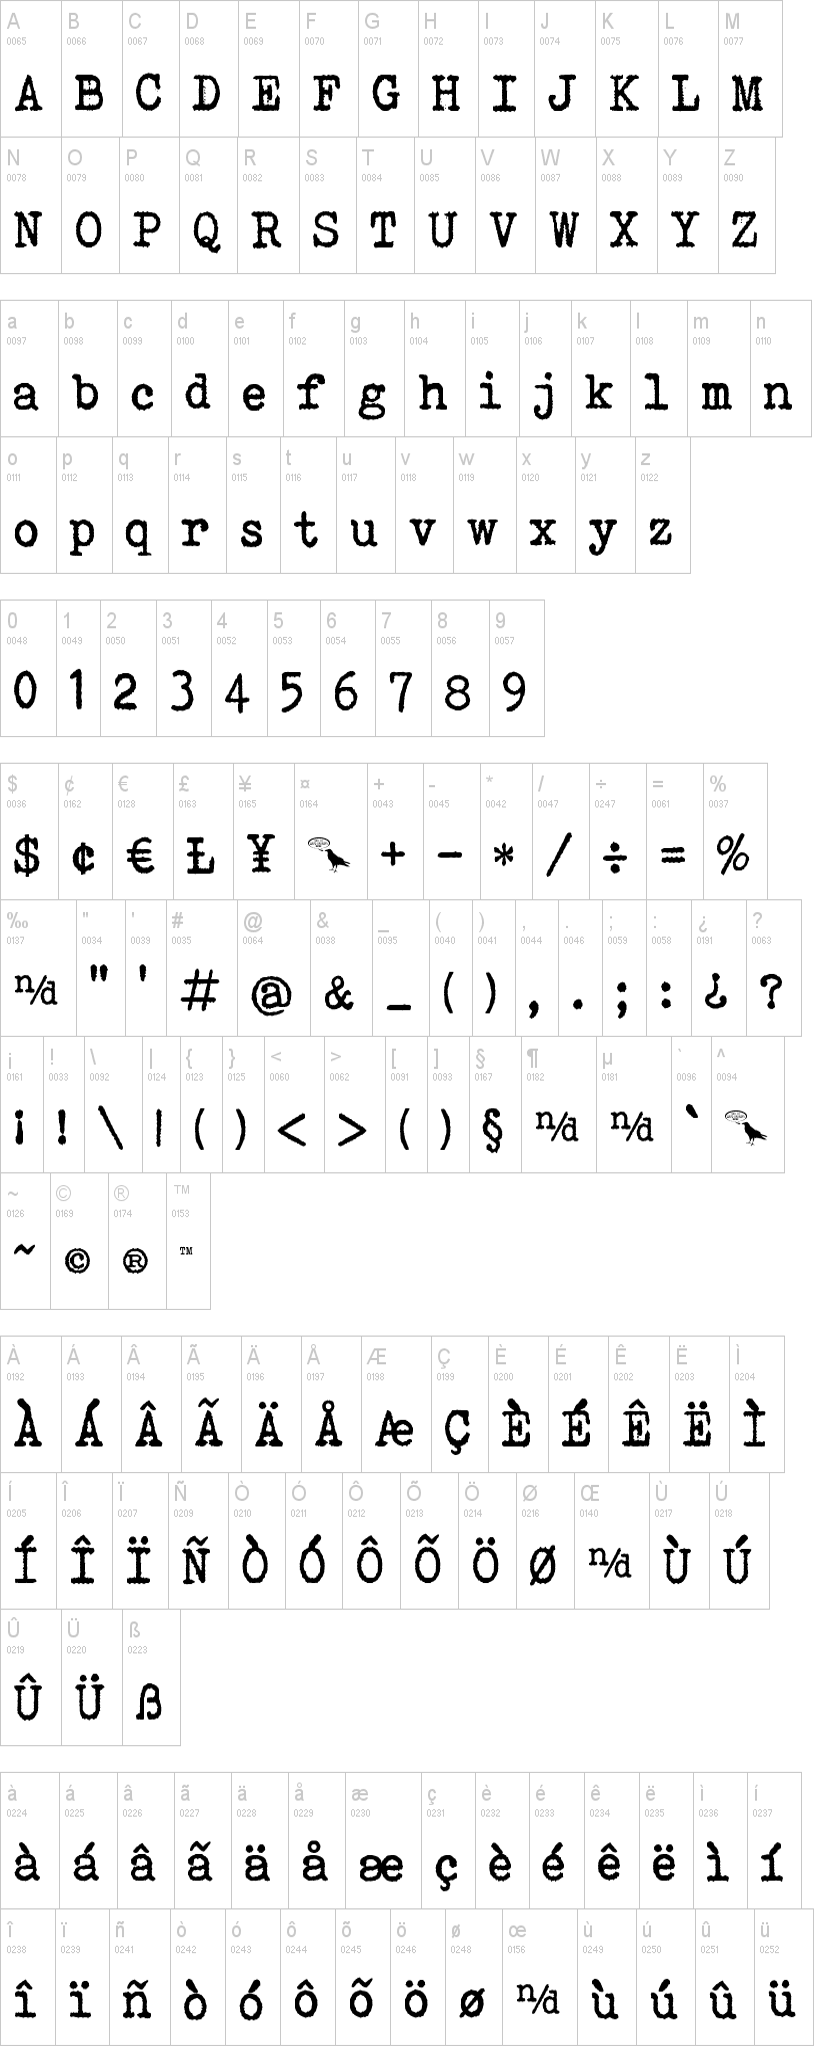 Suficiente Bohemian Typewriter | dafont.com IK27